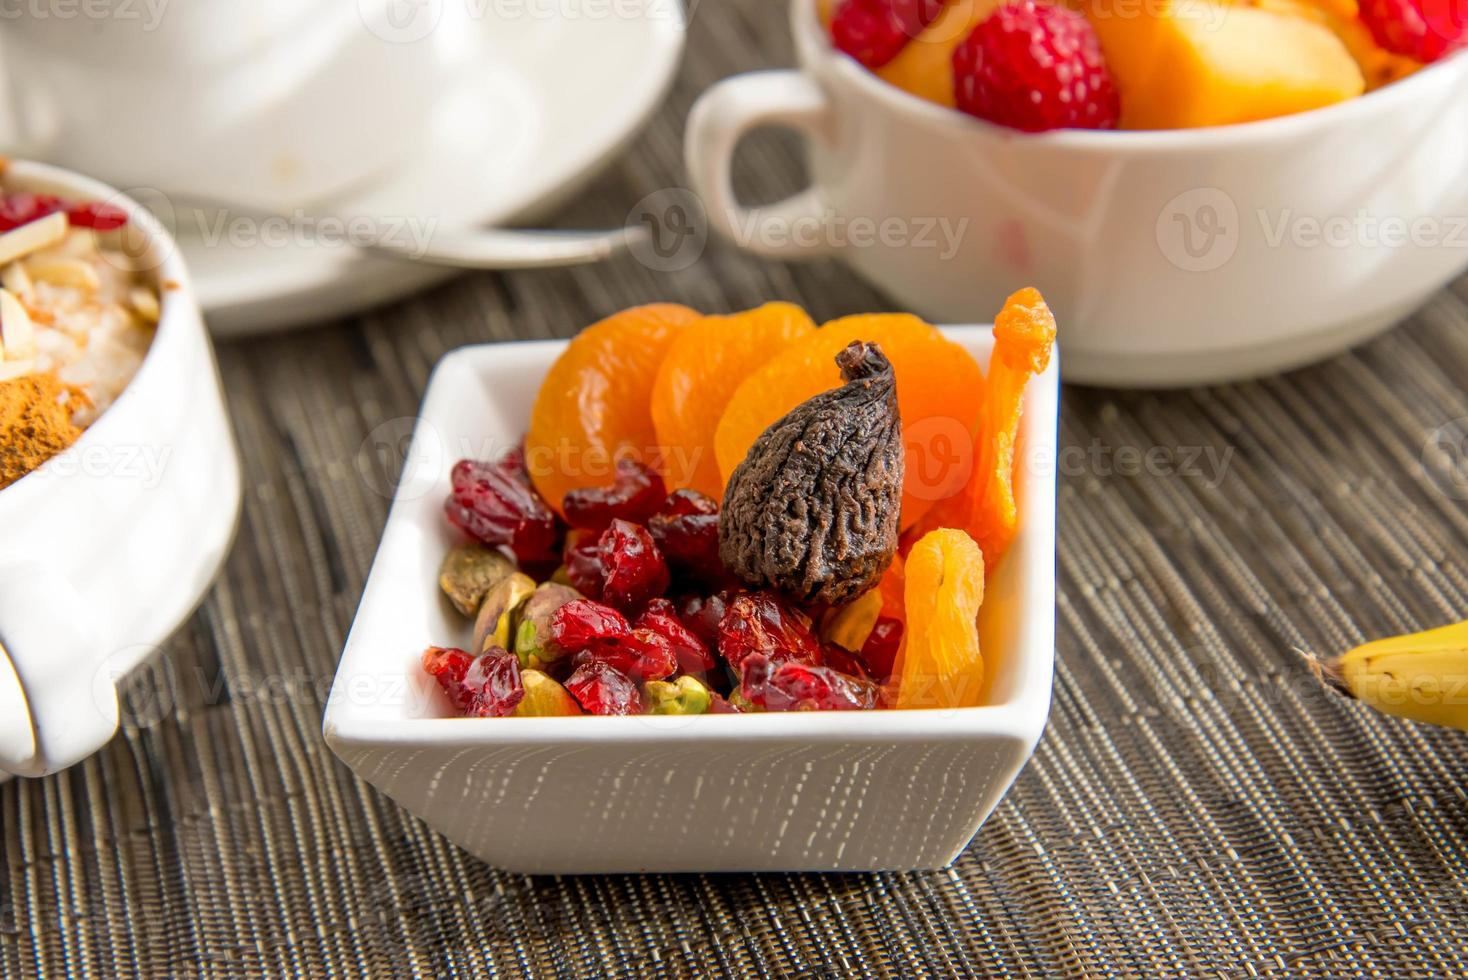 colazione a base di farina d'avena e frutta secca nutriente foto